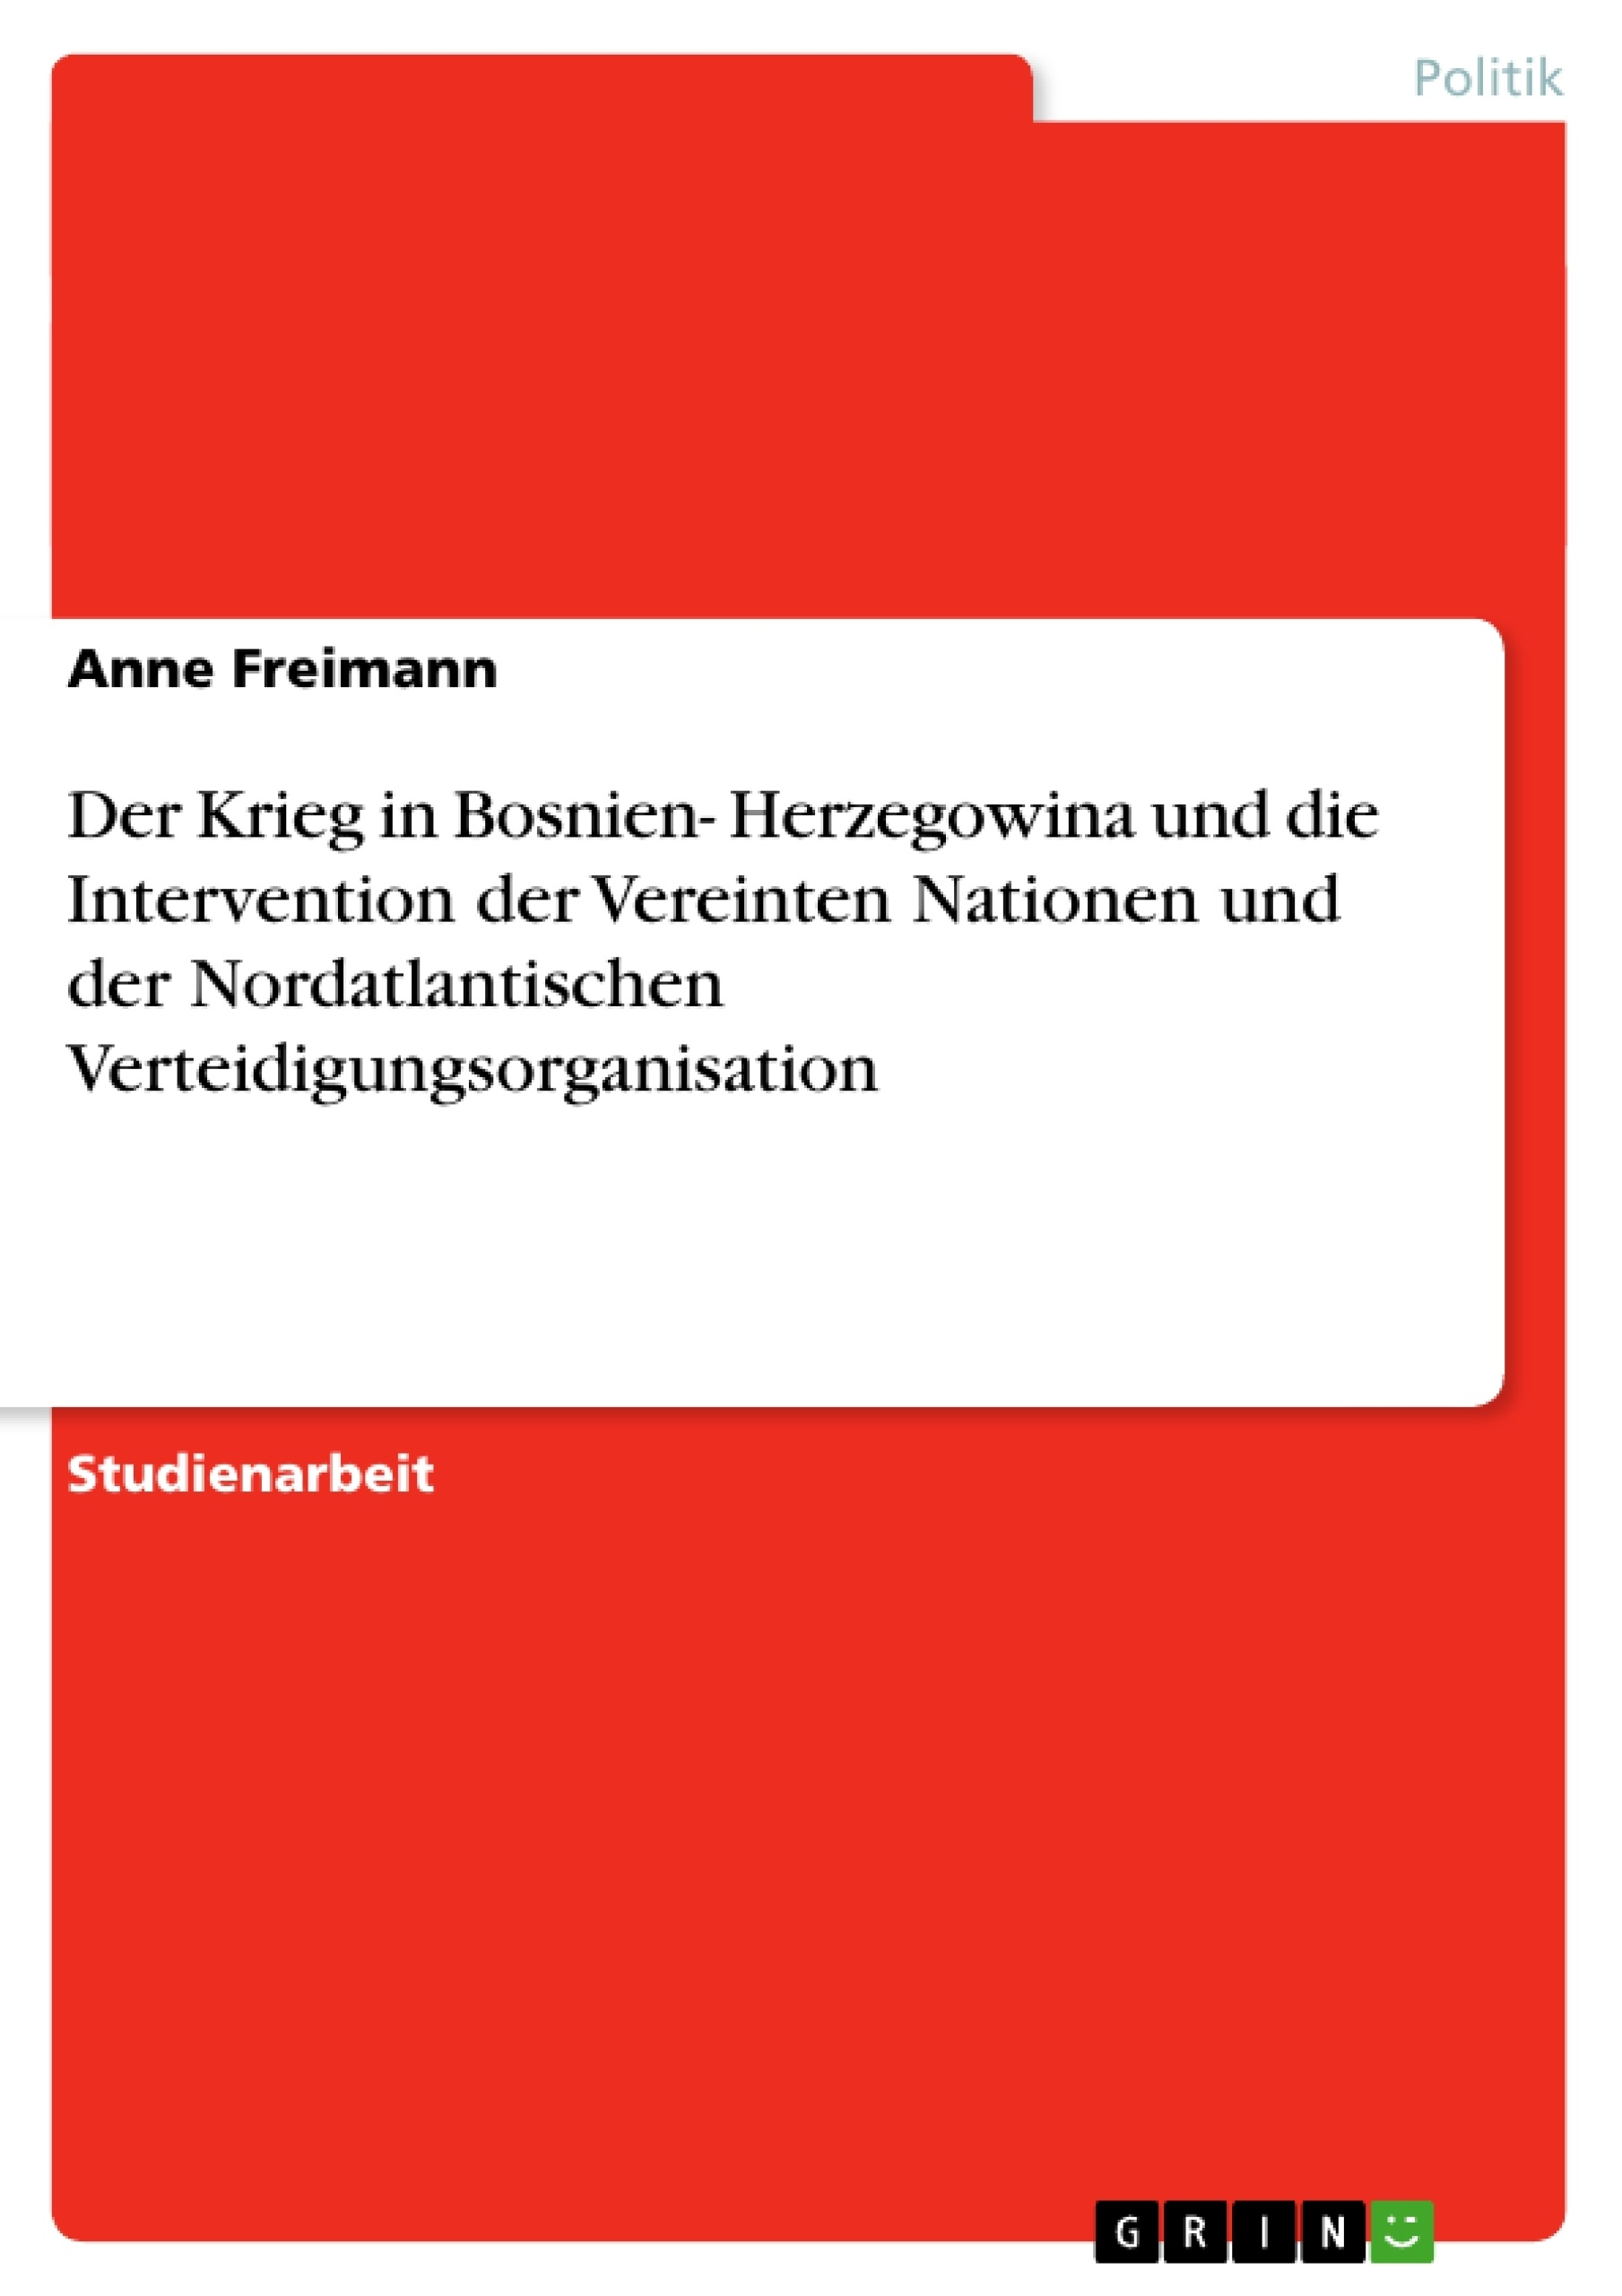 Titel: Der Krieg in Bosnien- Herzegowina und die Intervention der Vereinten Nationen und der Nordatlantischen Verteidigungsorganisation